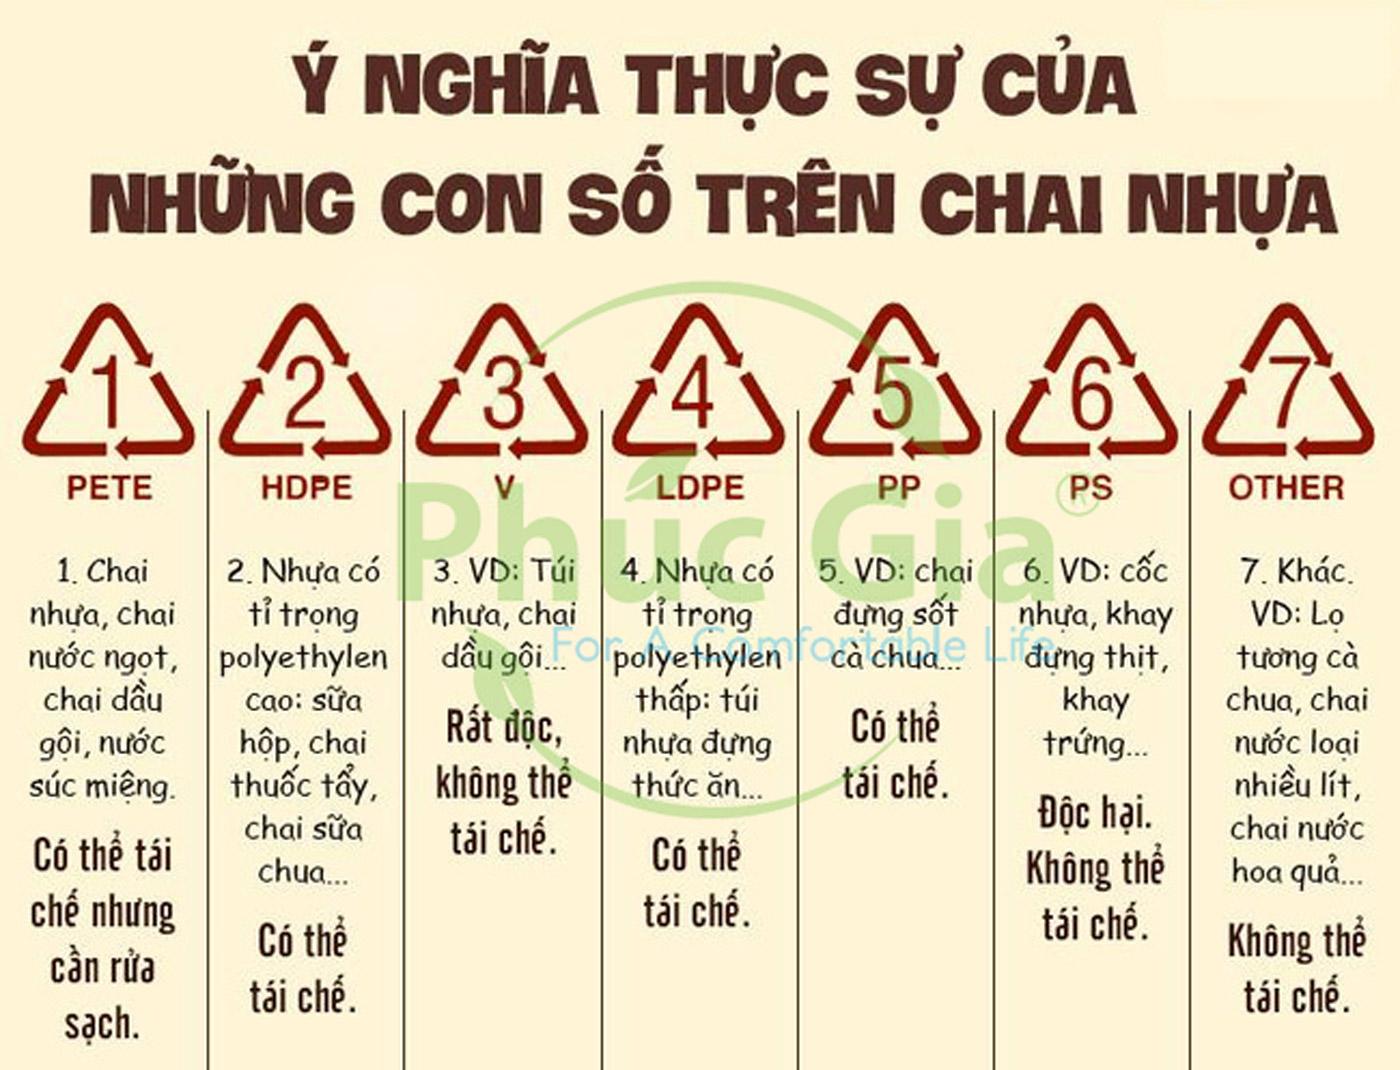 Ky_Hieu_Nhua